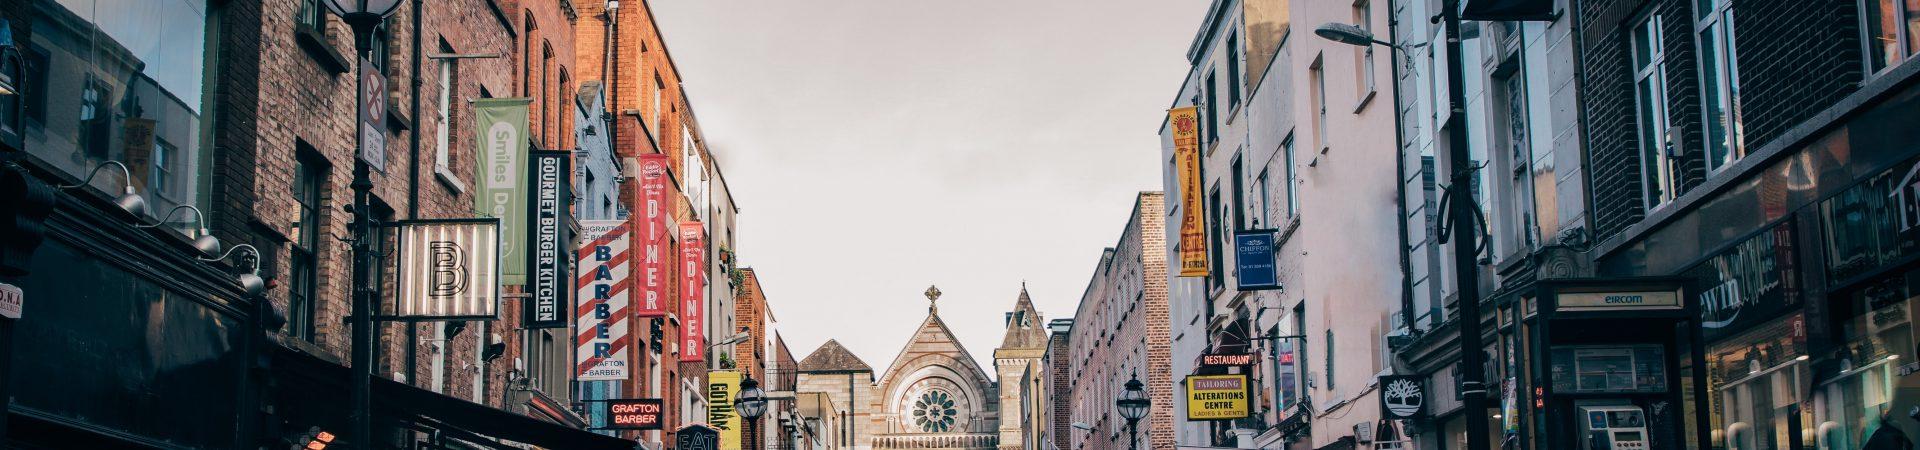 Hoteller i Dublin